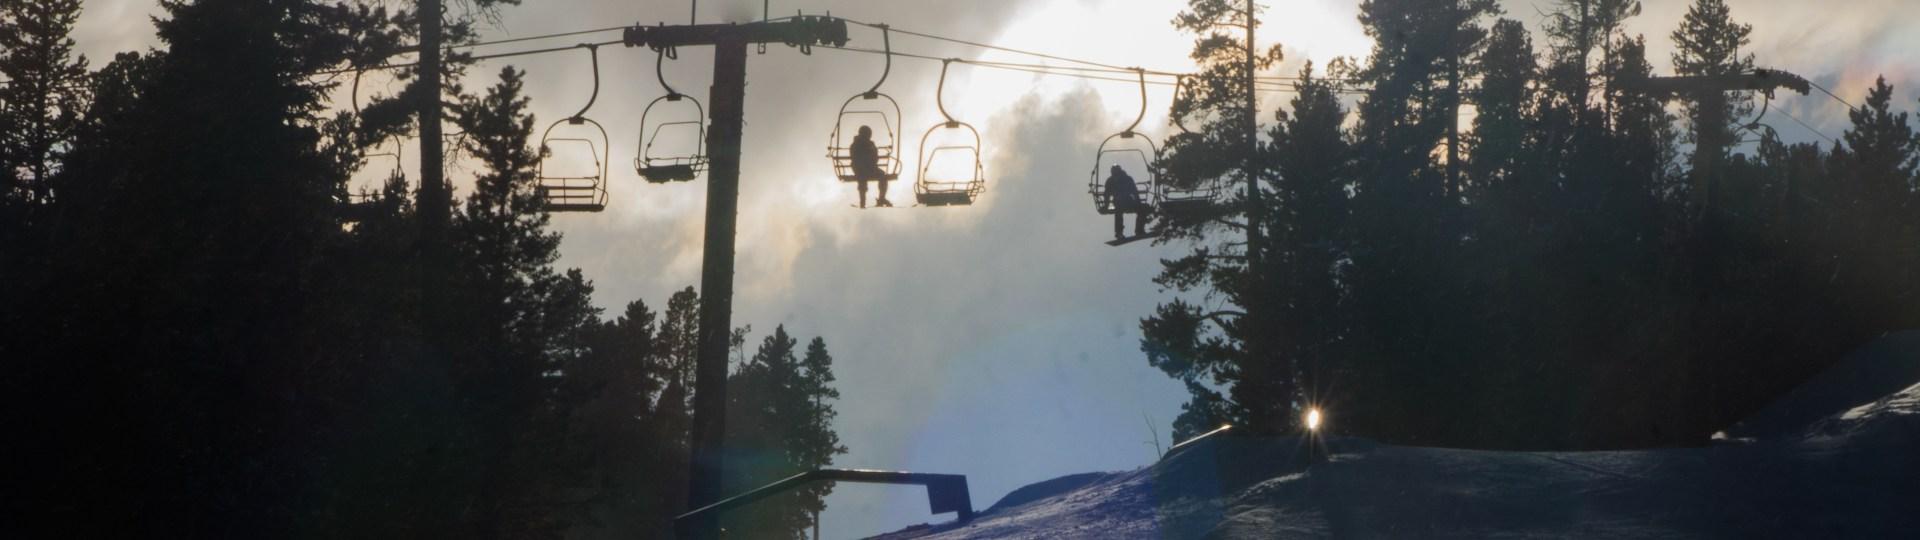 Learning to ski – Eldora